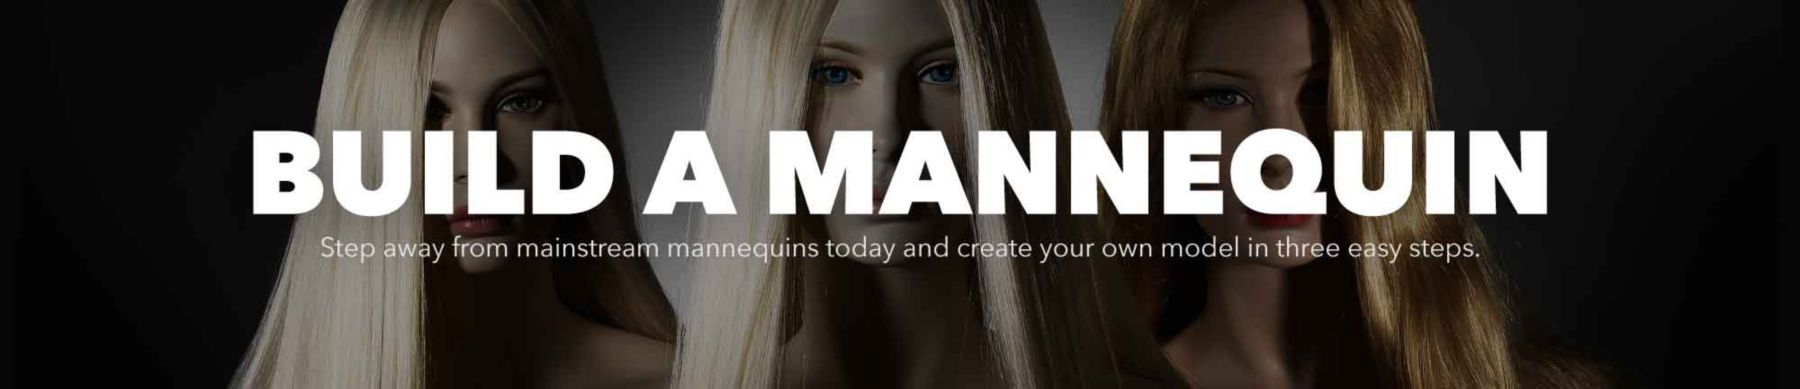 Build a Mannequin